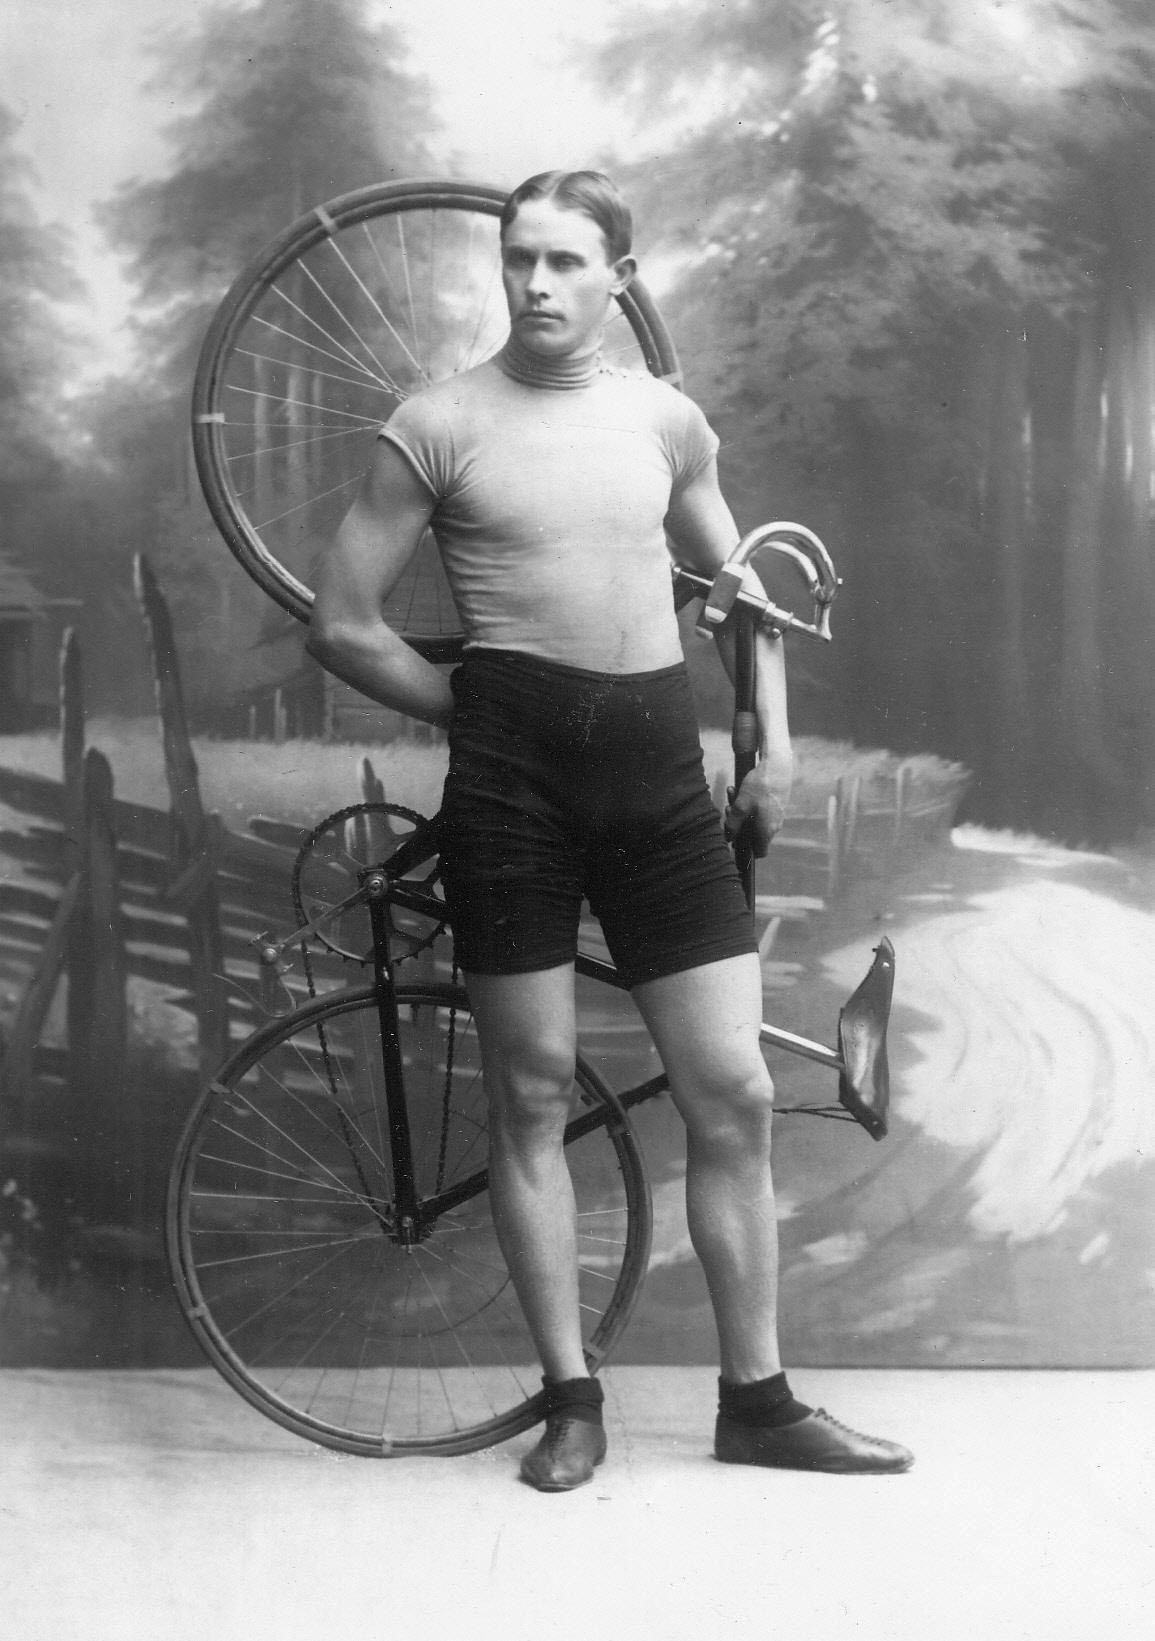 Участник велогонок Крульников с велосипедом